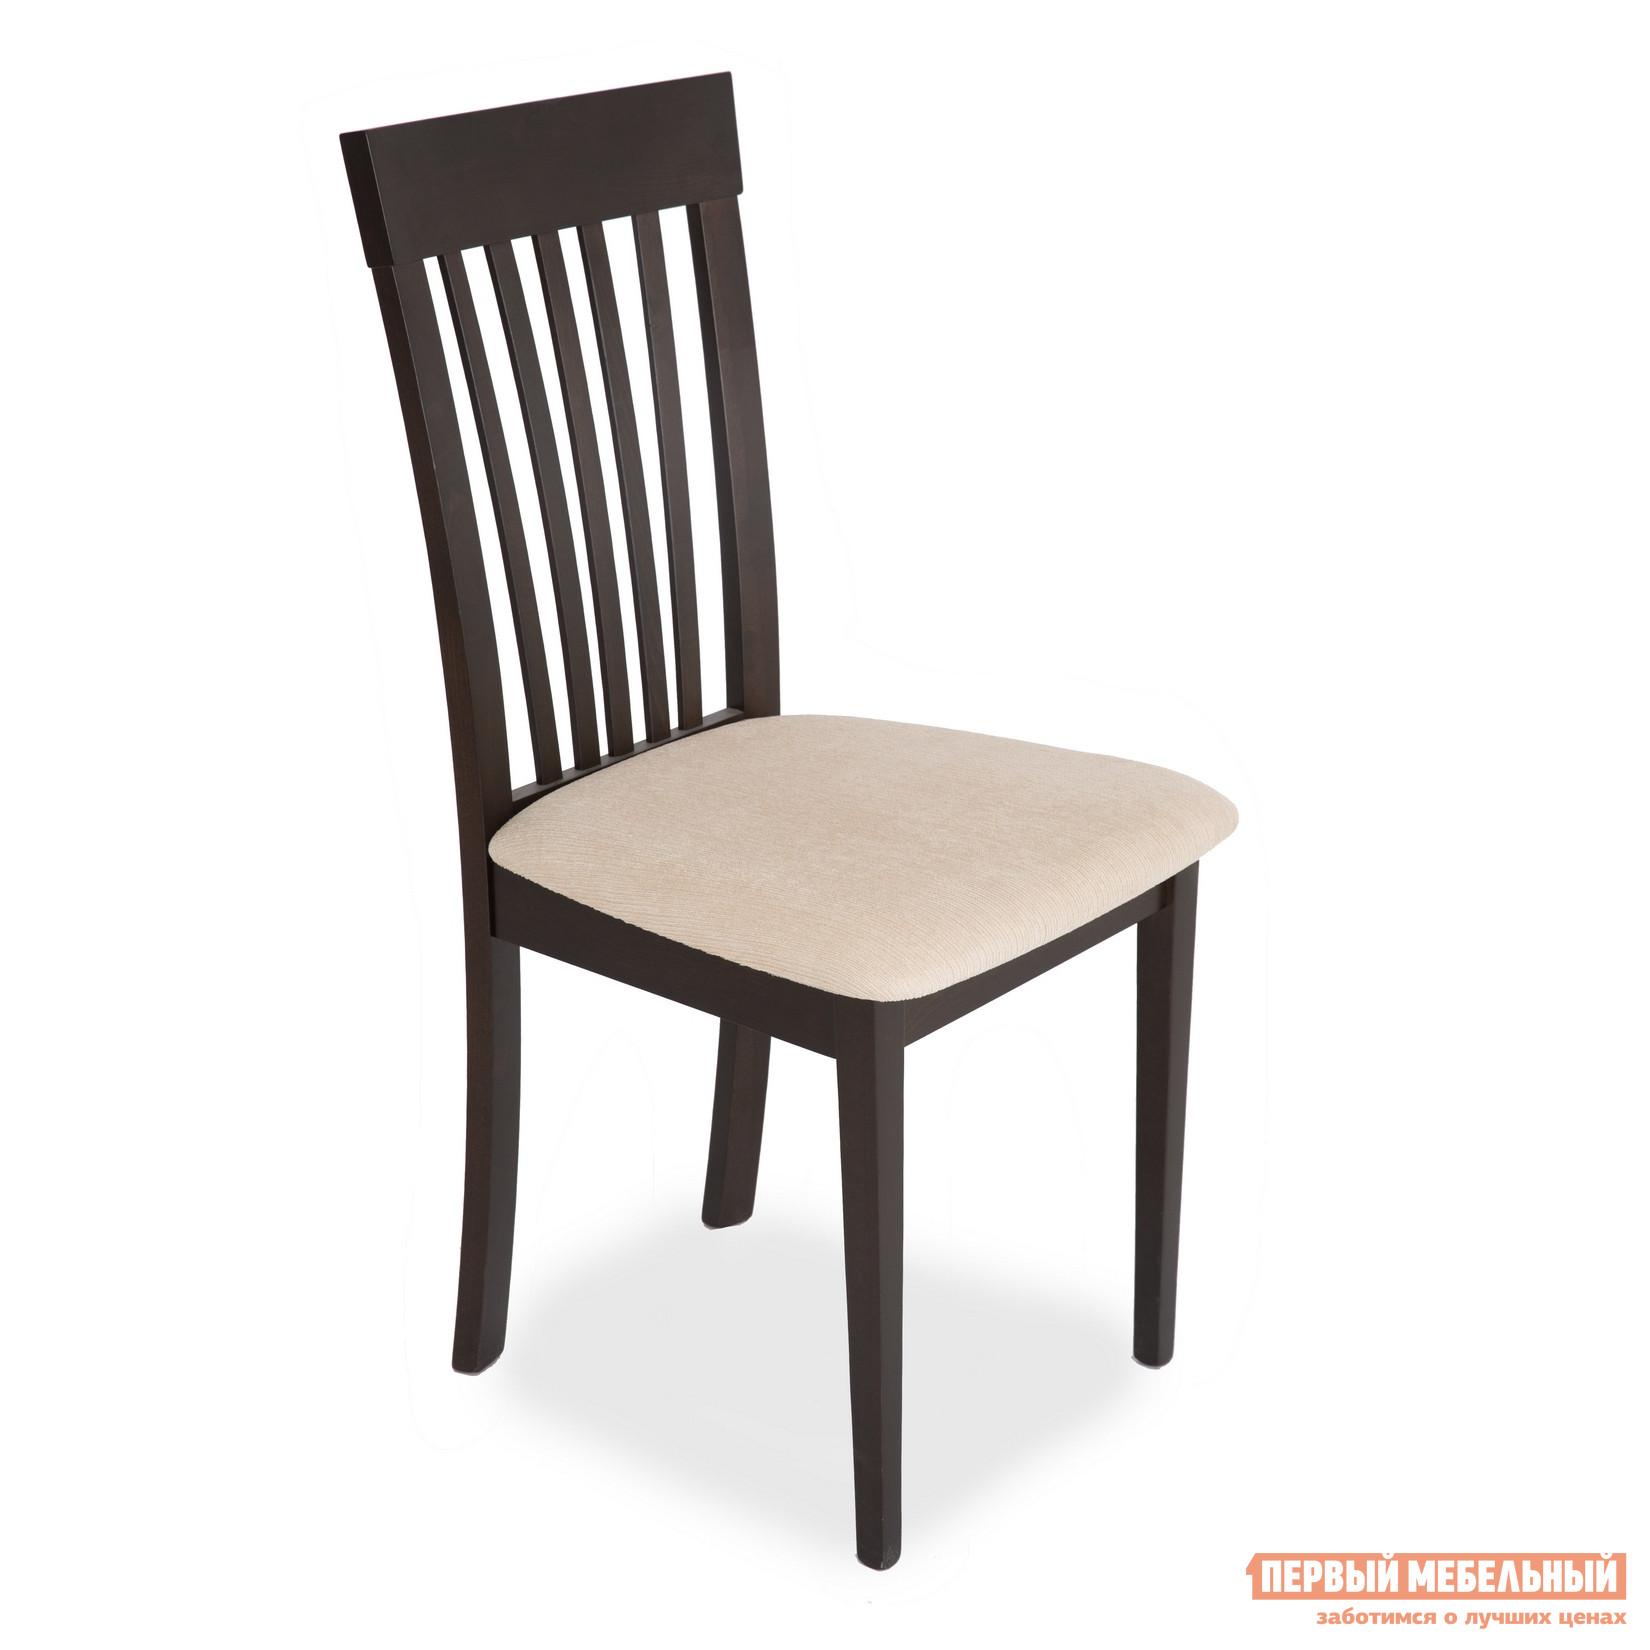 Стул для кухни Бентли Трейд CB-3950 барный стул бентли трейд jy 1013